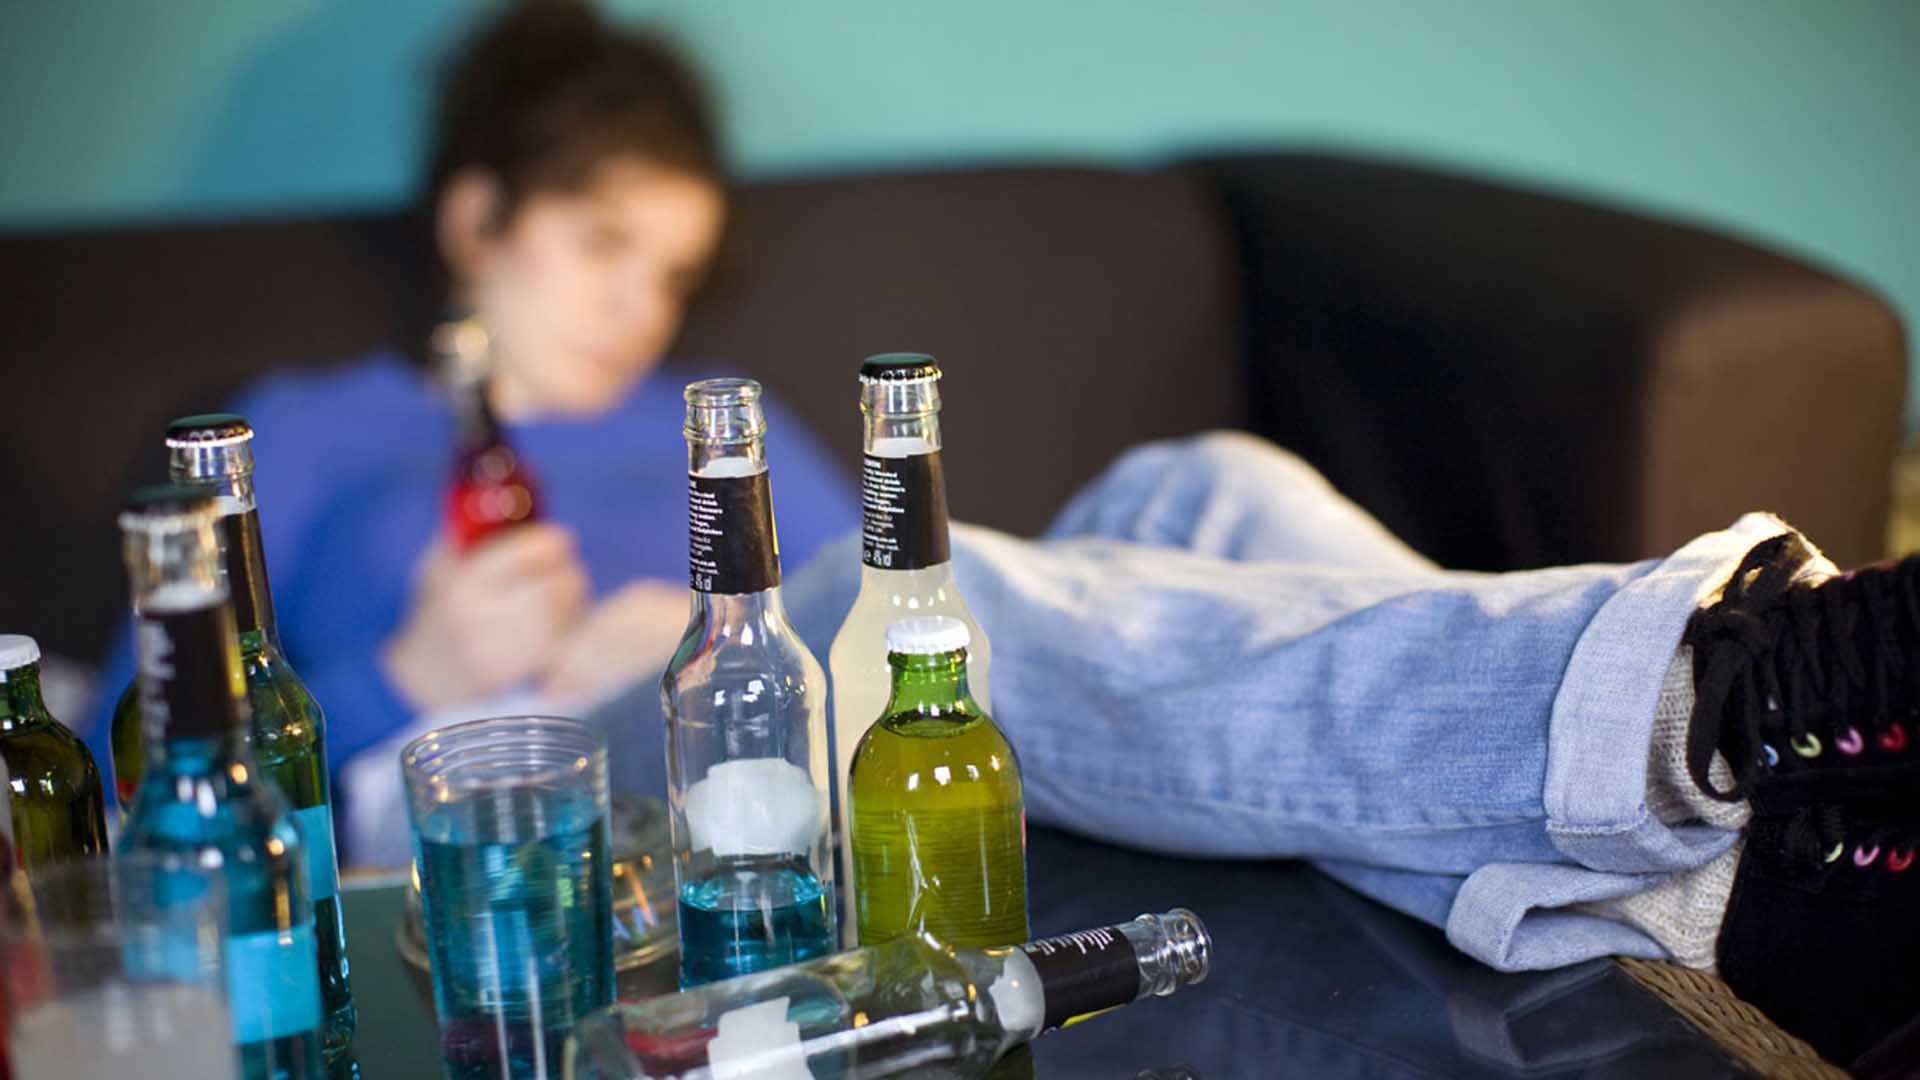 Investigadores explicaron que la bebida puede provocar alteraciones en los ciclos circadianos, lo que incrementa riesgos